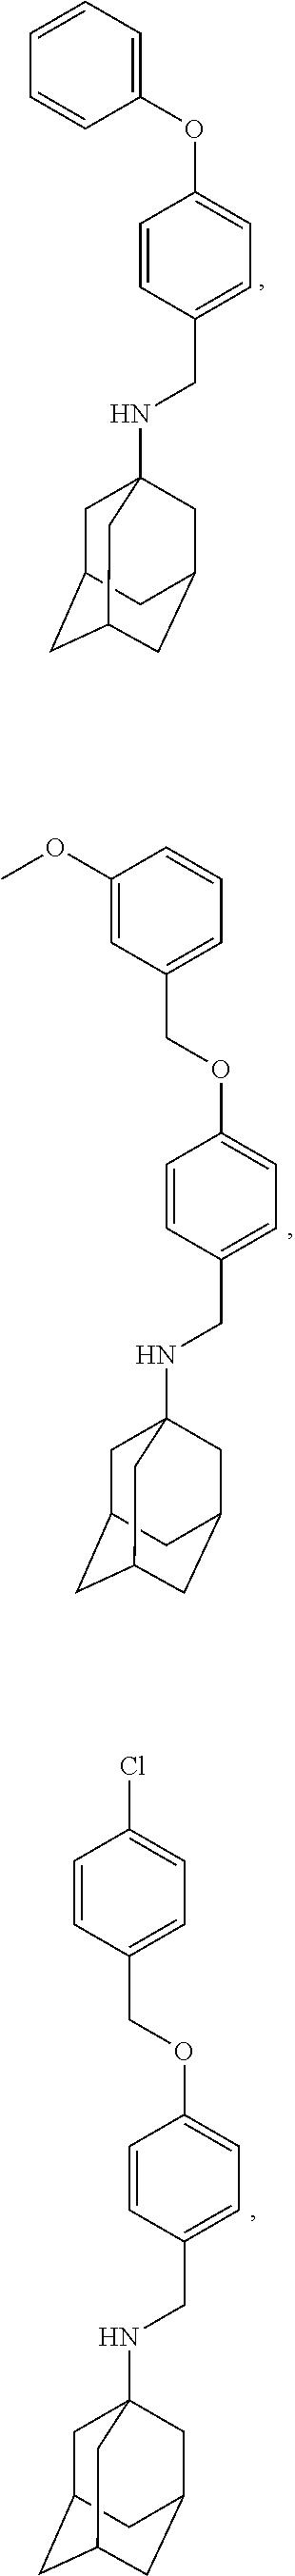 Figure US09884832-20180206-C00029